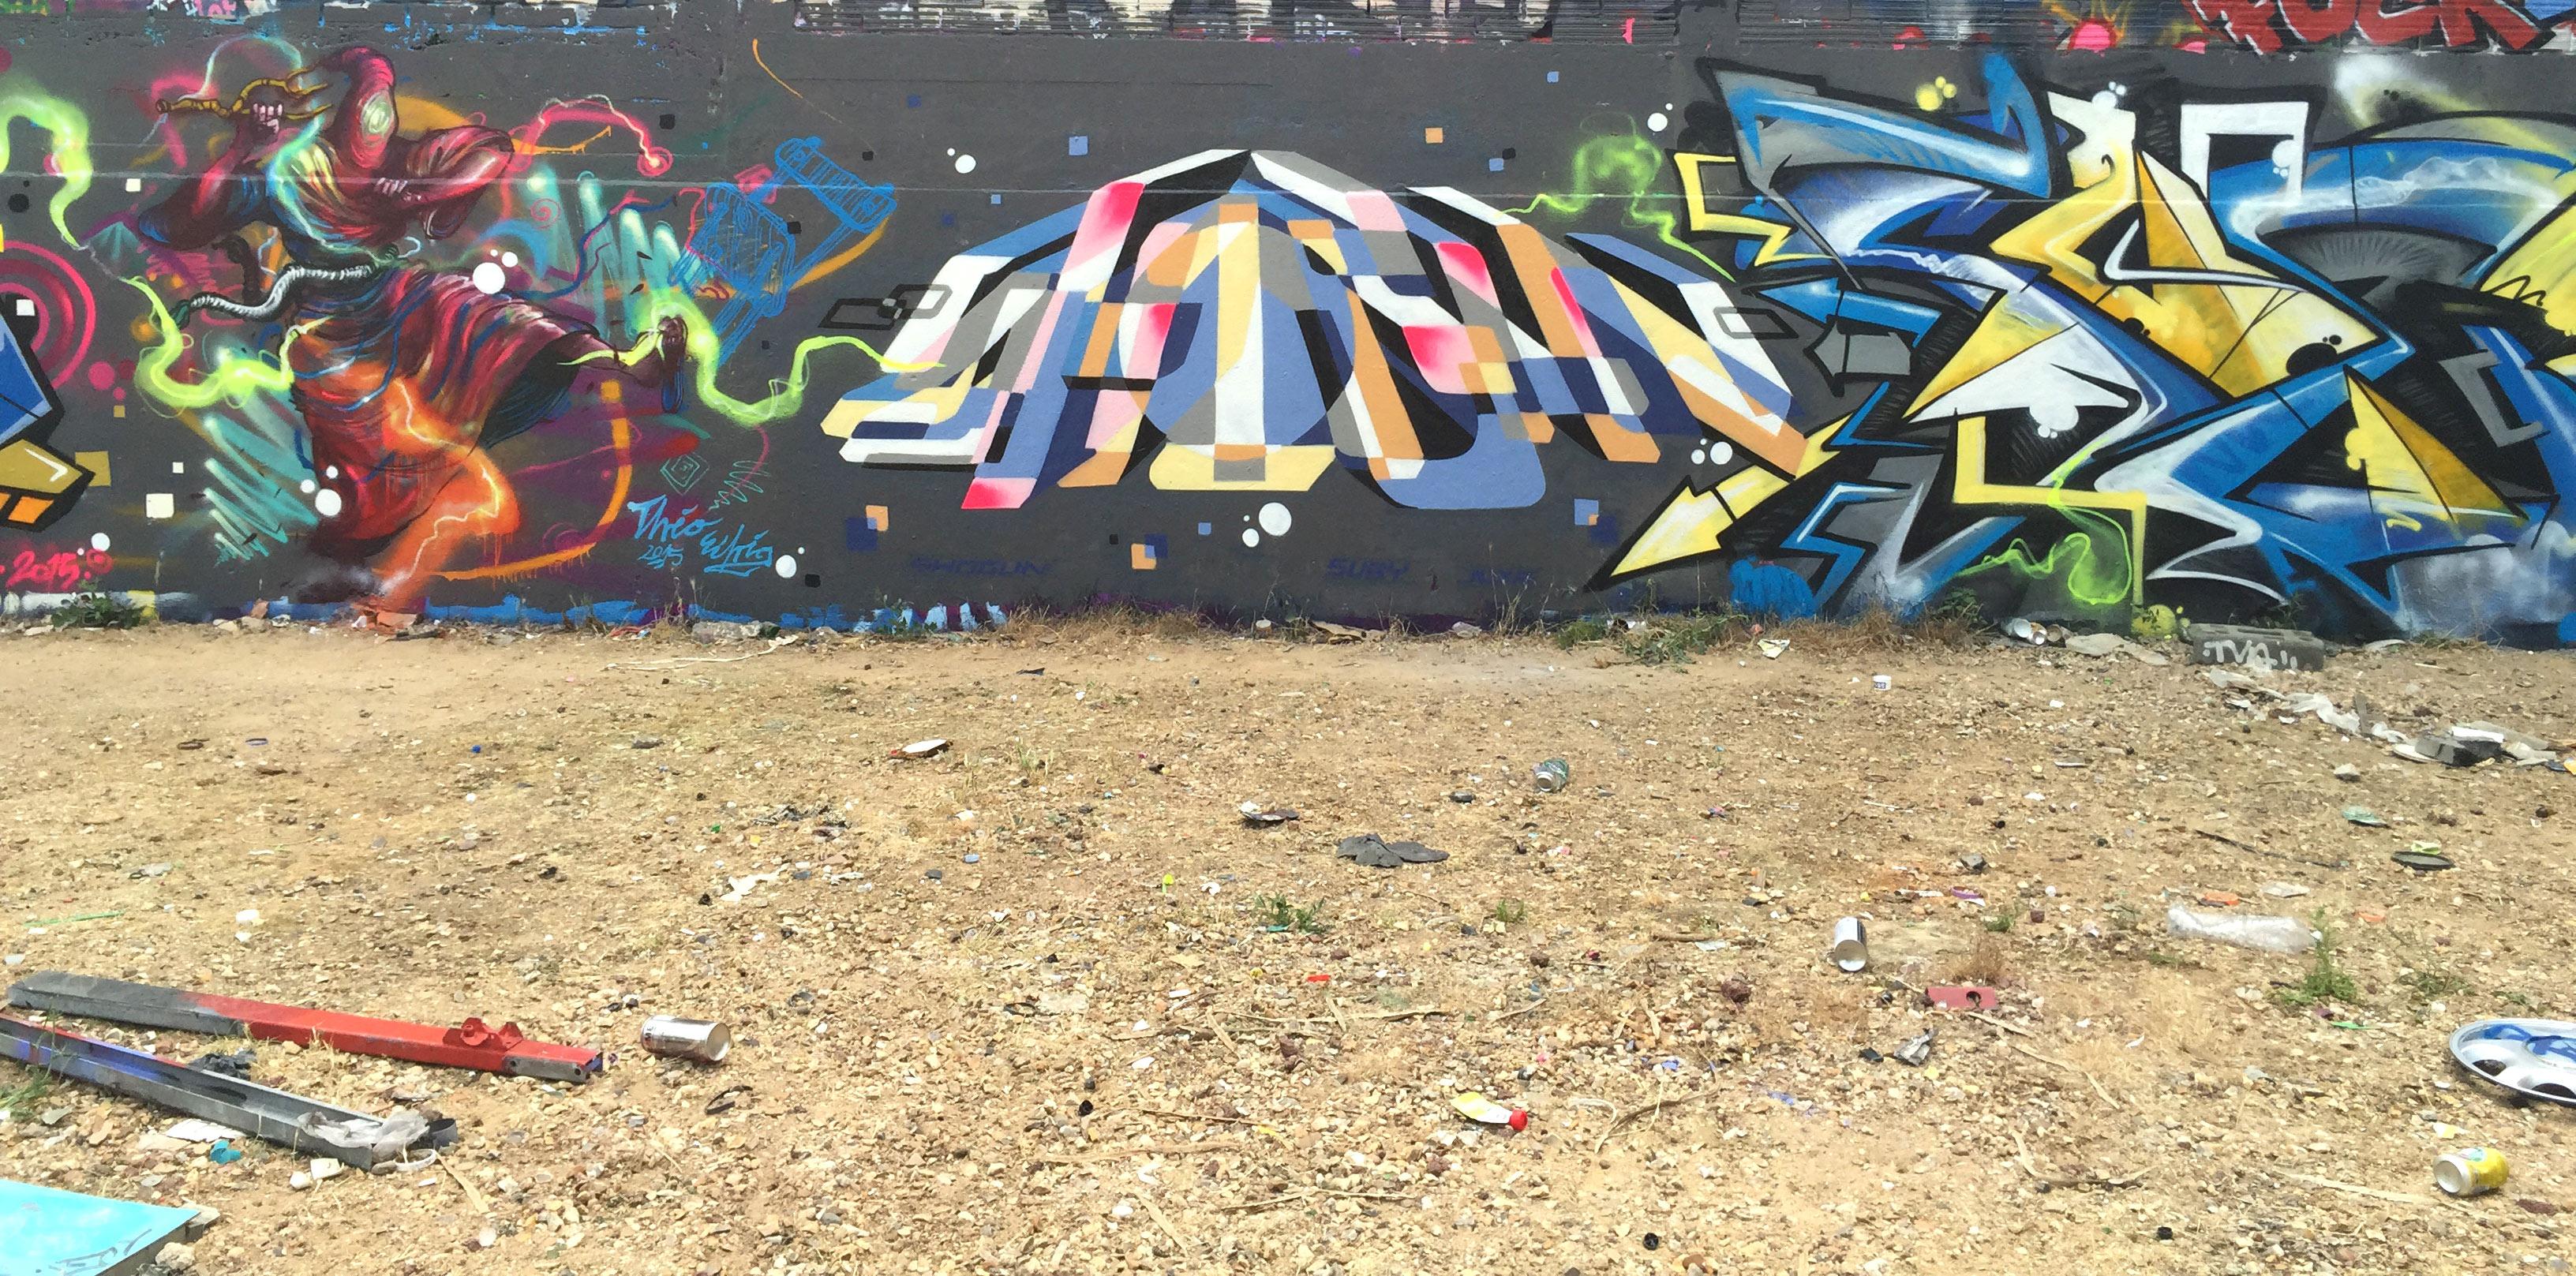 shogun_graffiti_paris_2015_secondwall_4